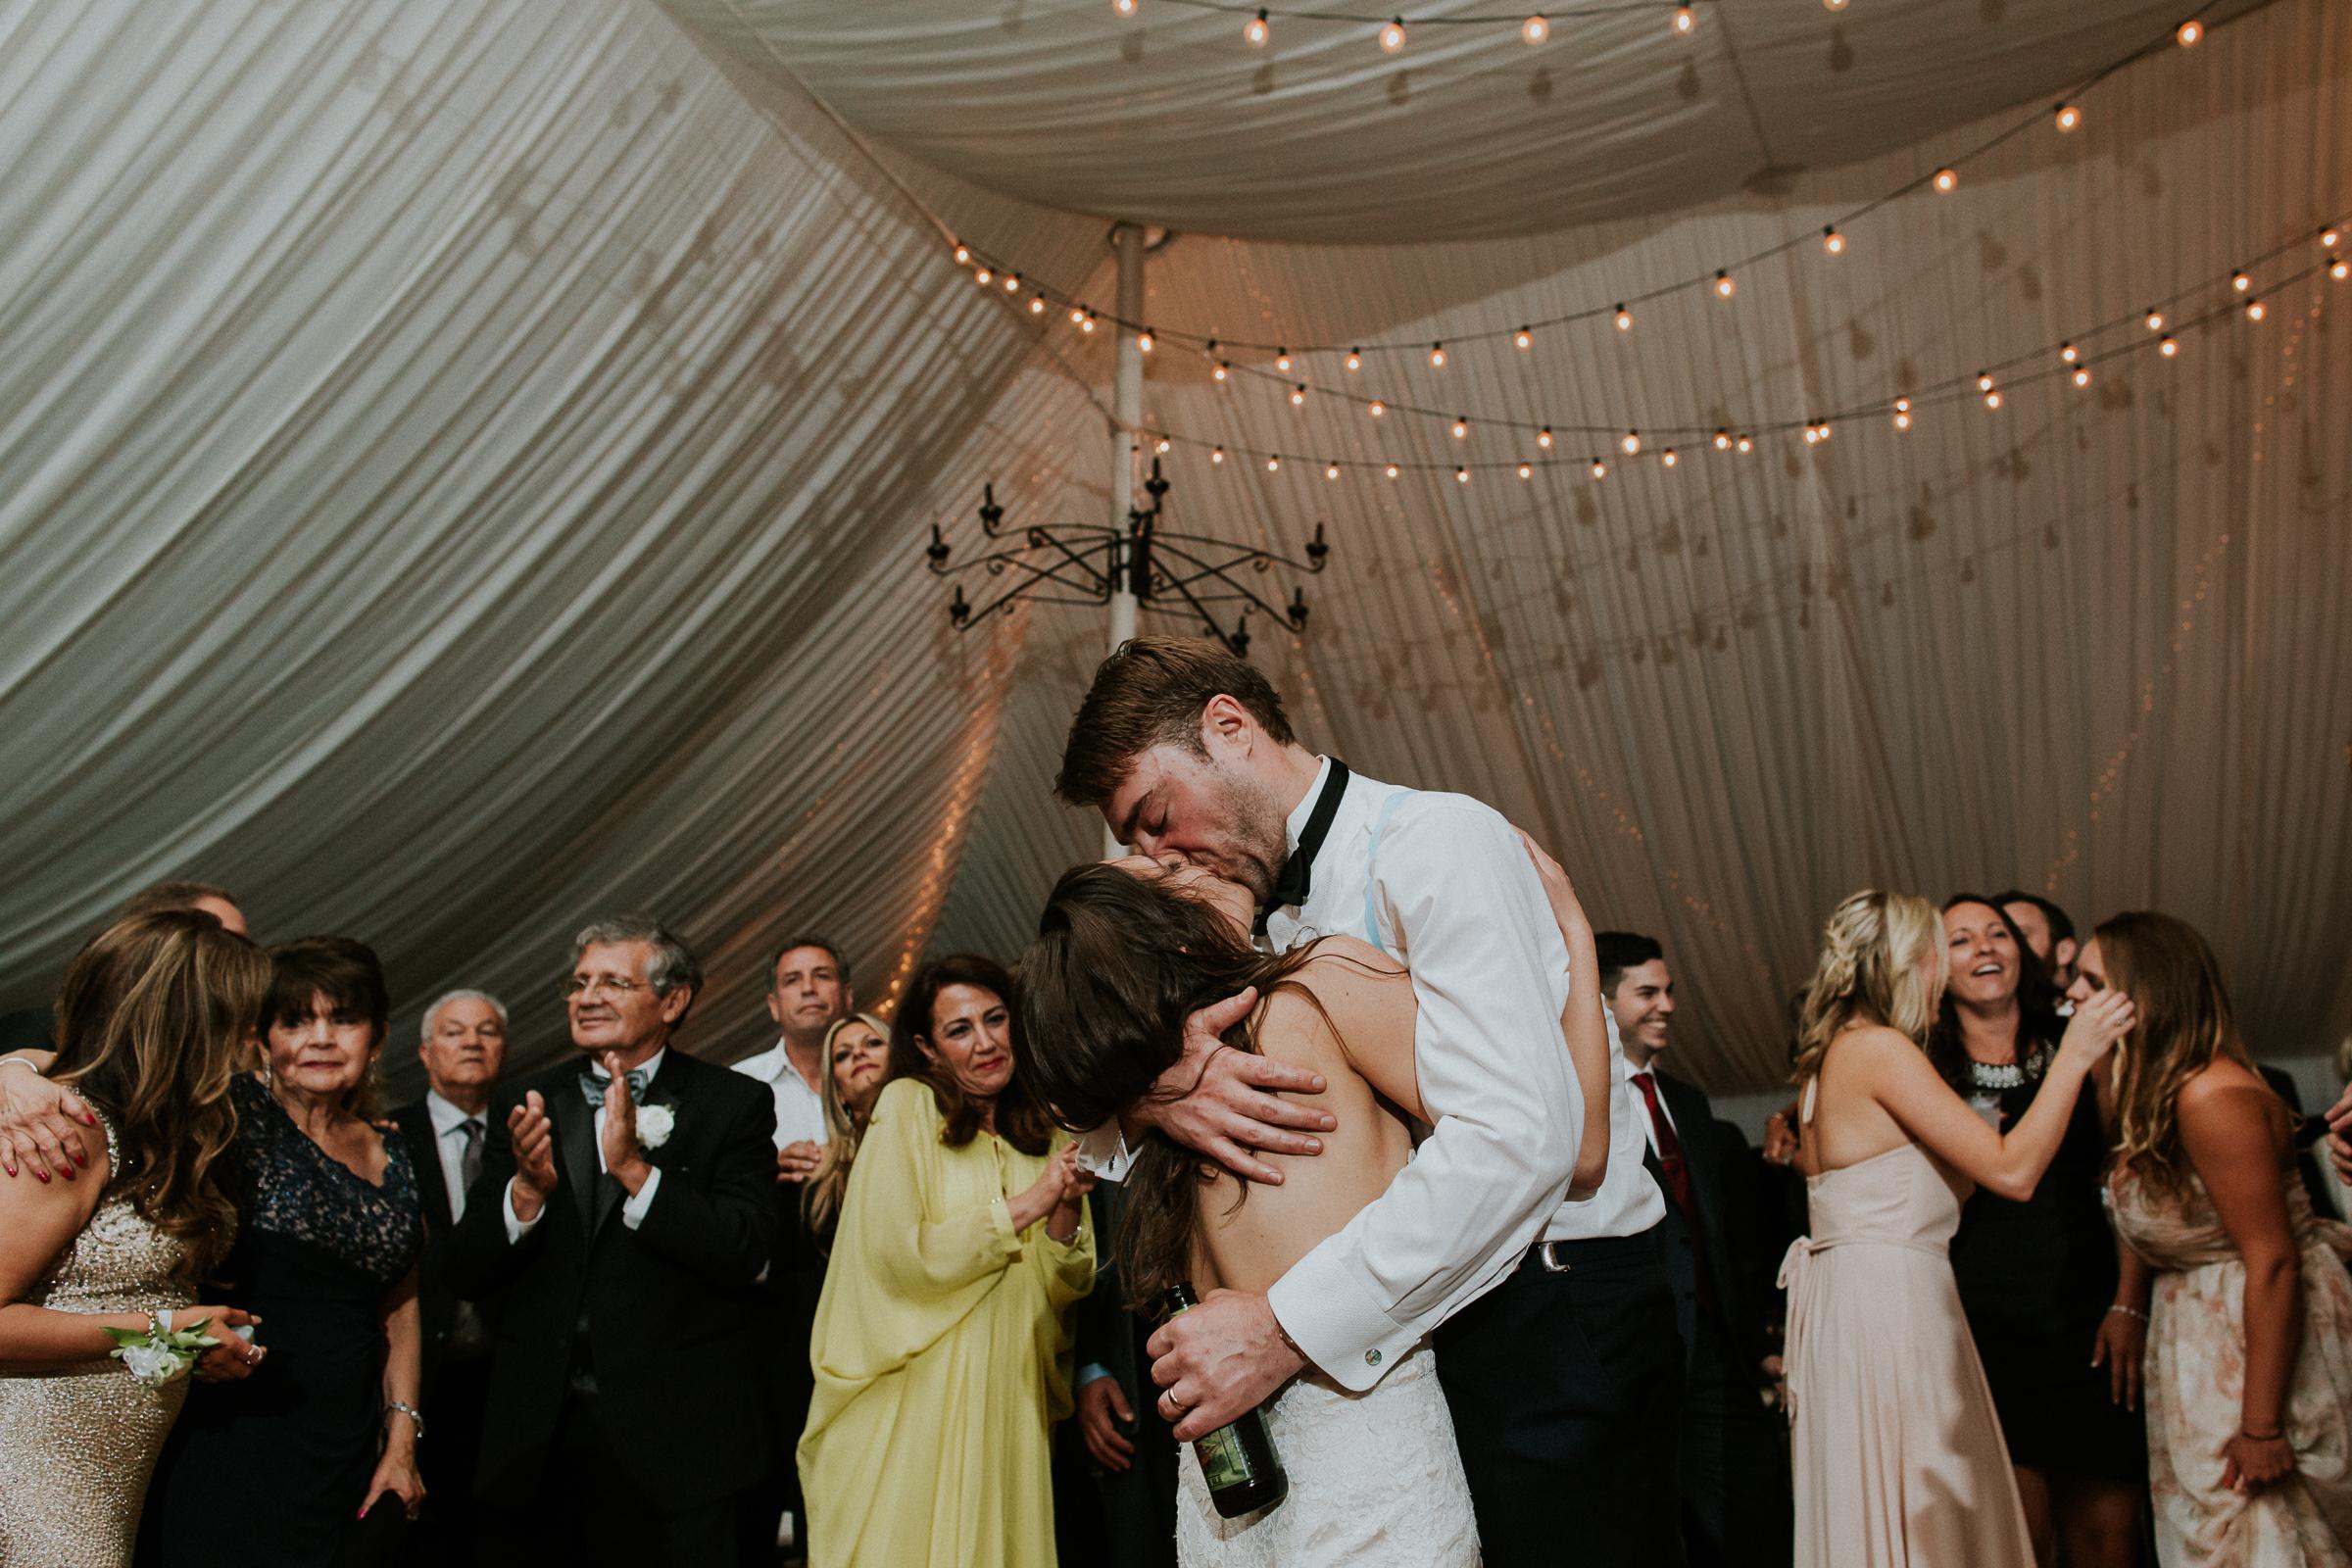 Crossed-Keys-Estate-Andover-NJ-Fine-Art-Documentary-Wedding-Photographer-142.jpg